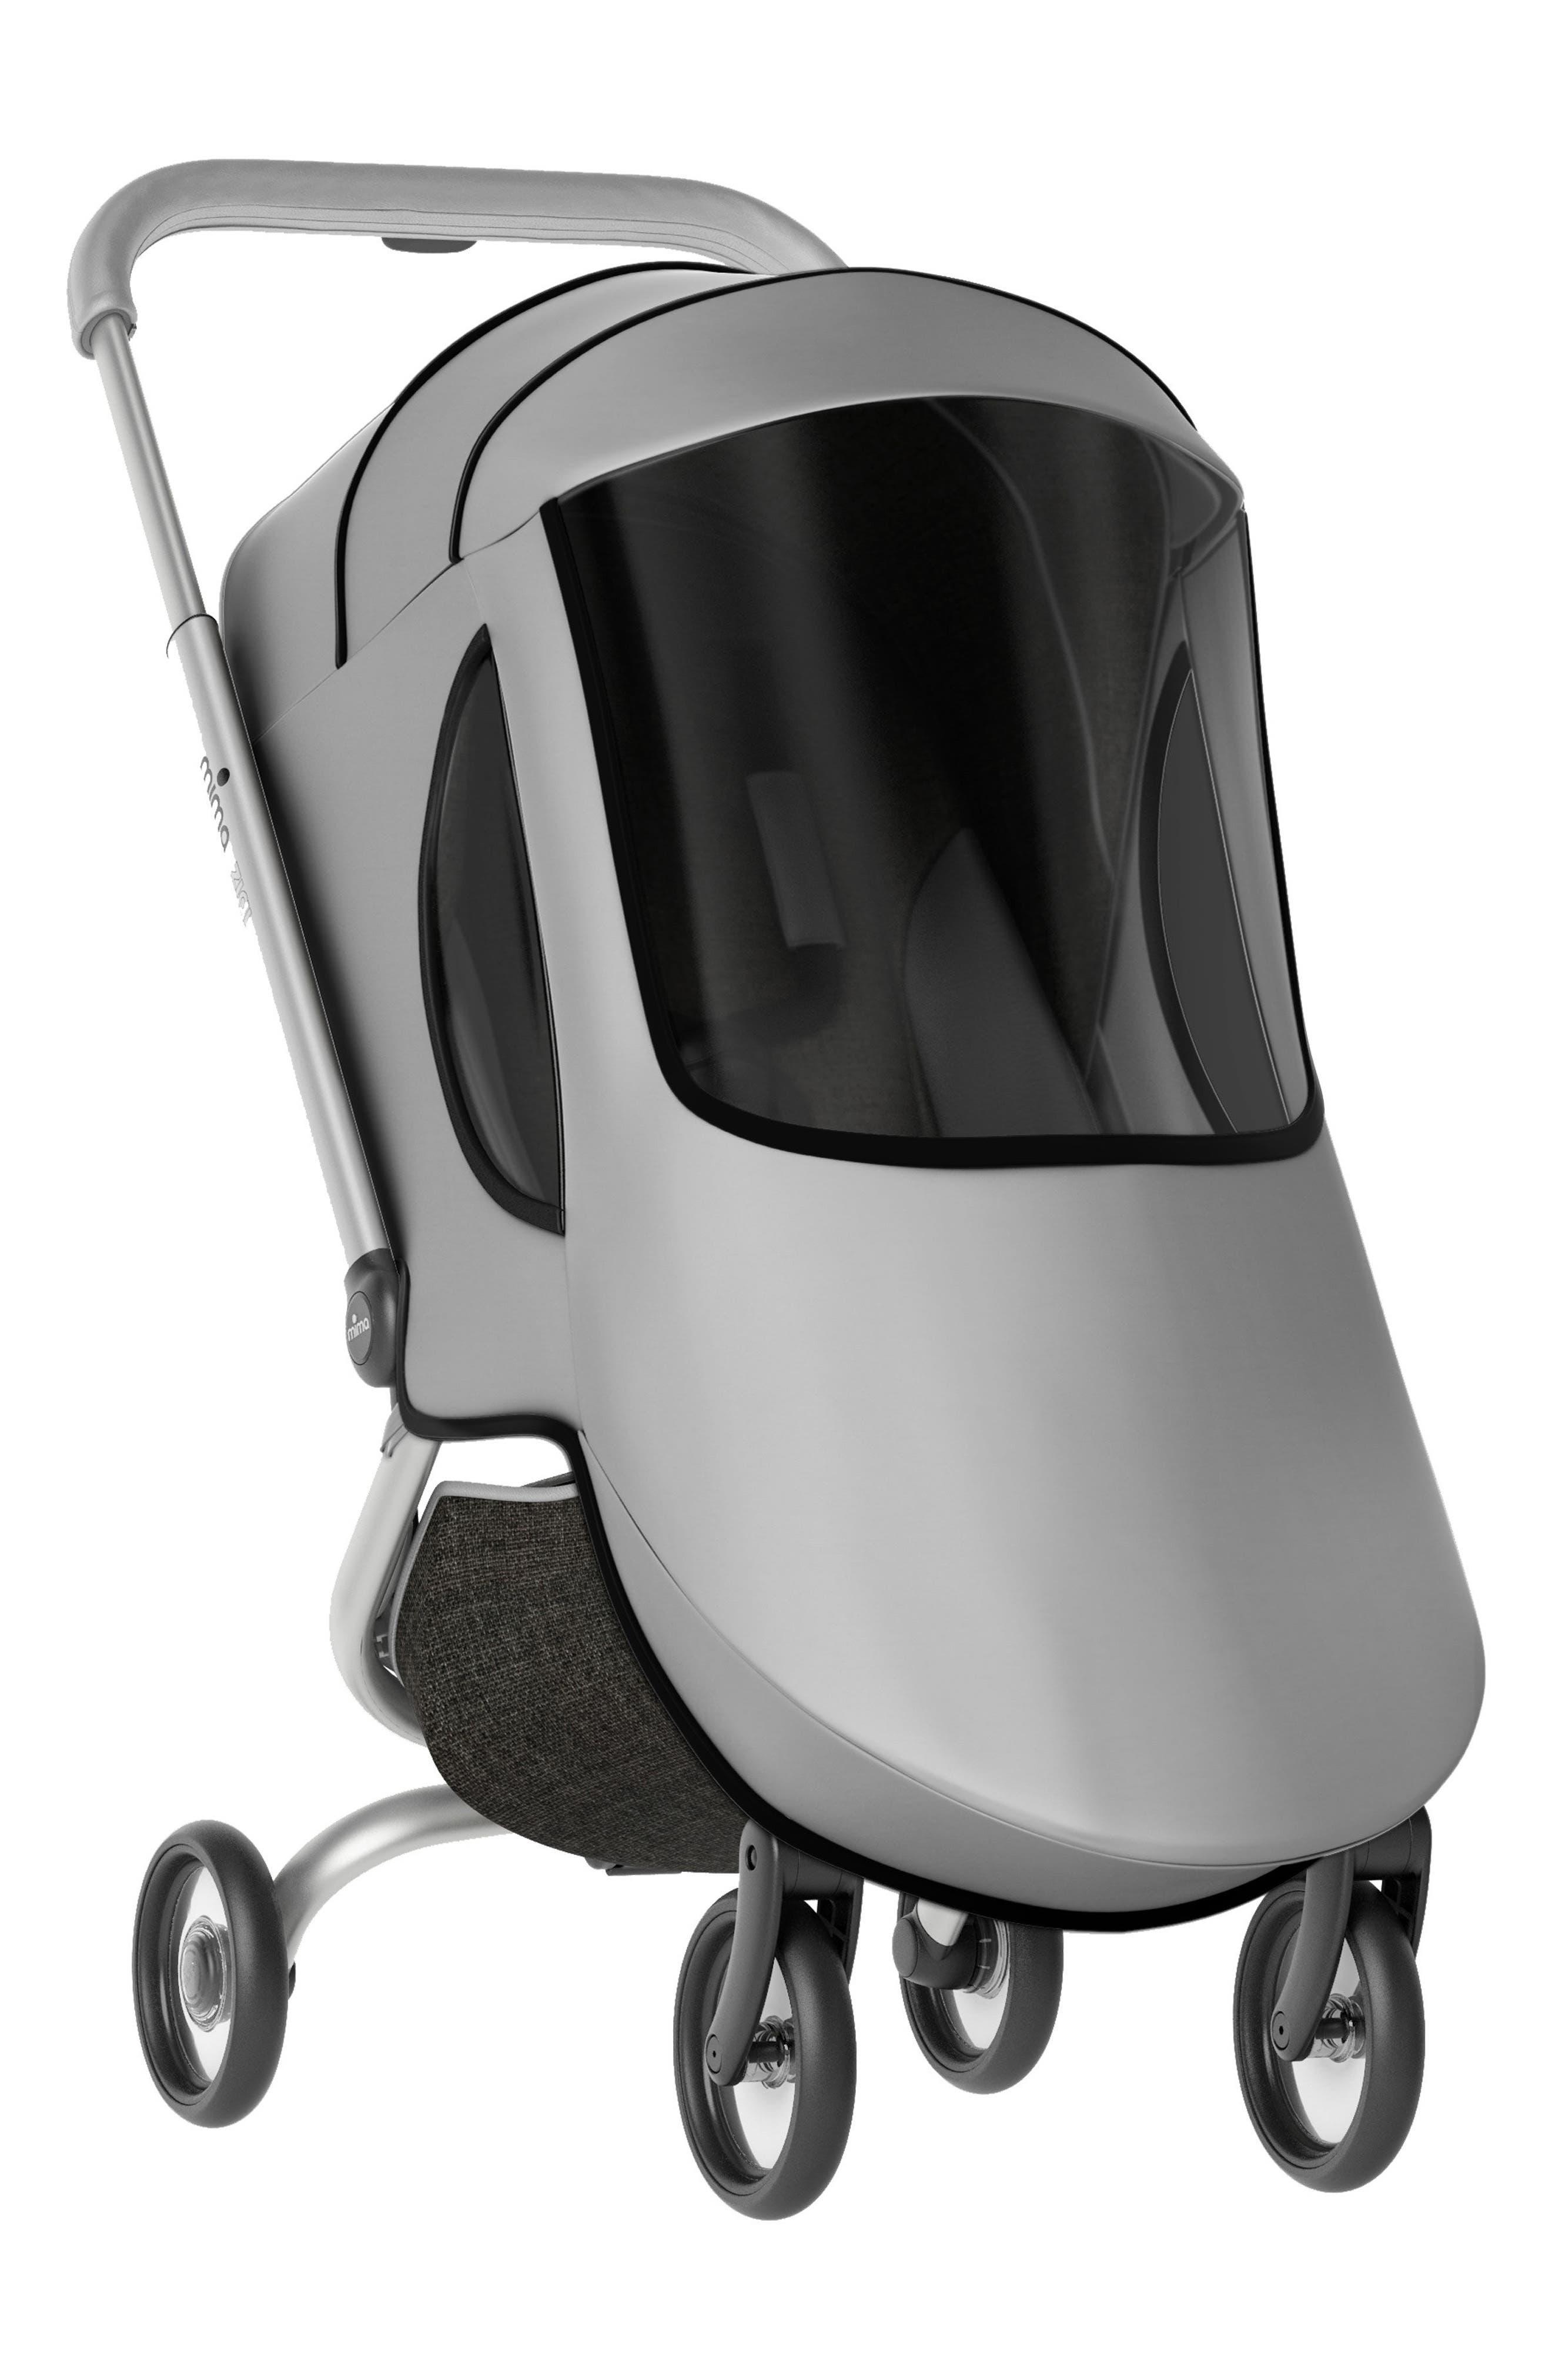 Alternate Image 1 Selected - Mima Raincover for Zigi Travel Stroller